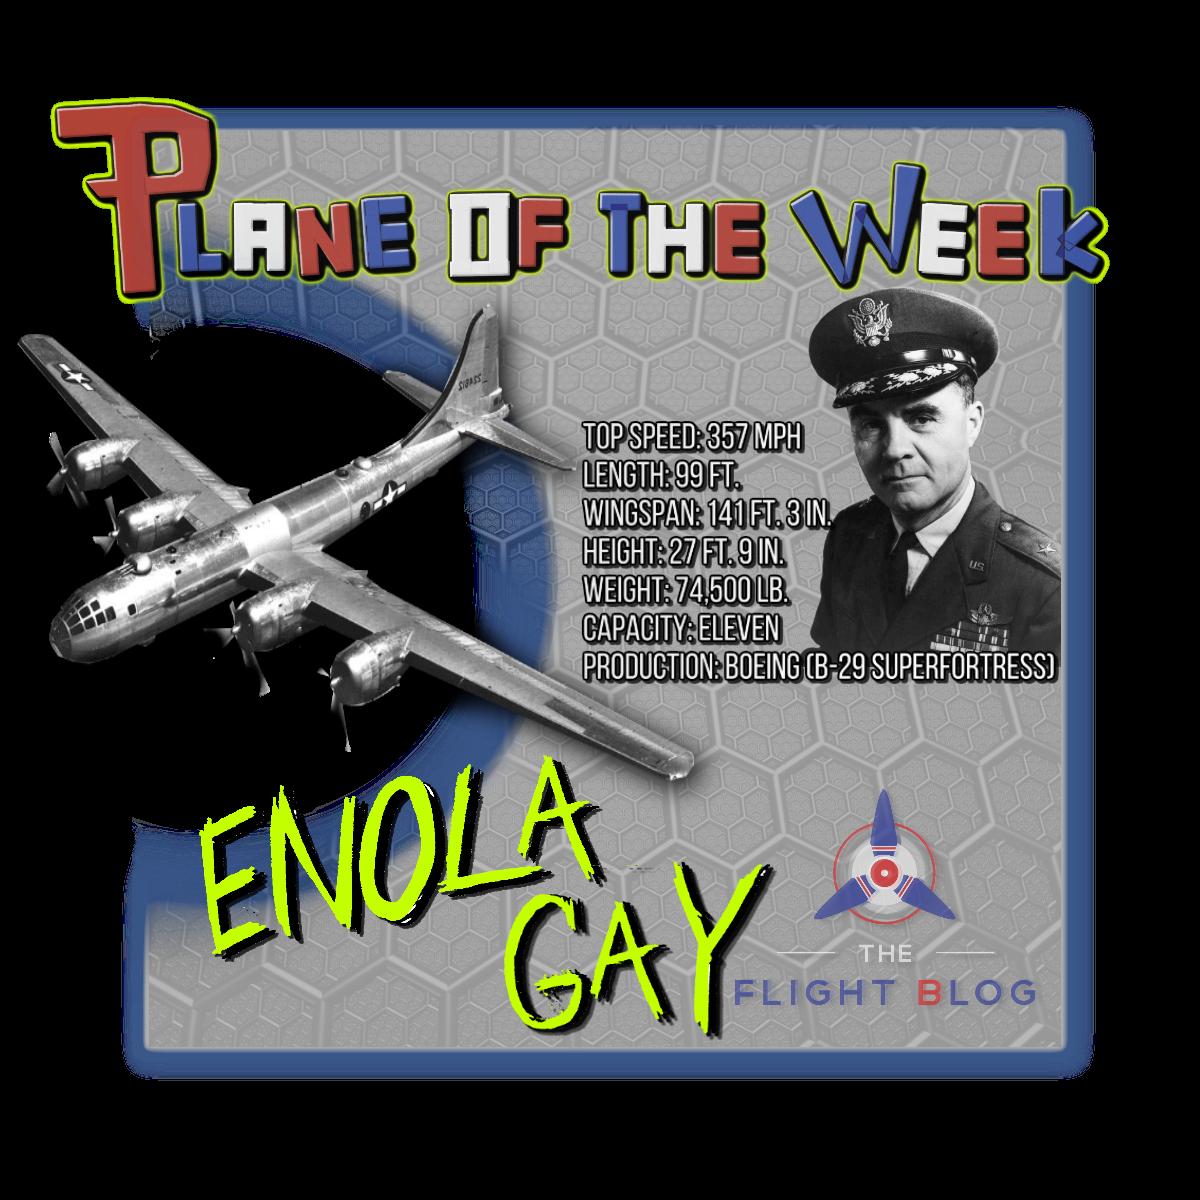 enola gay main